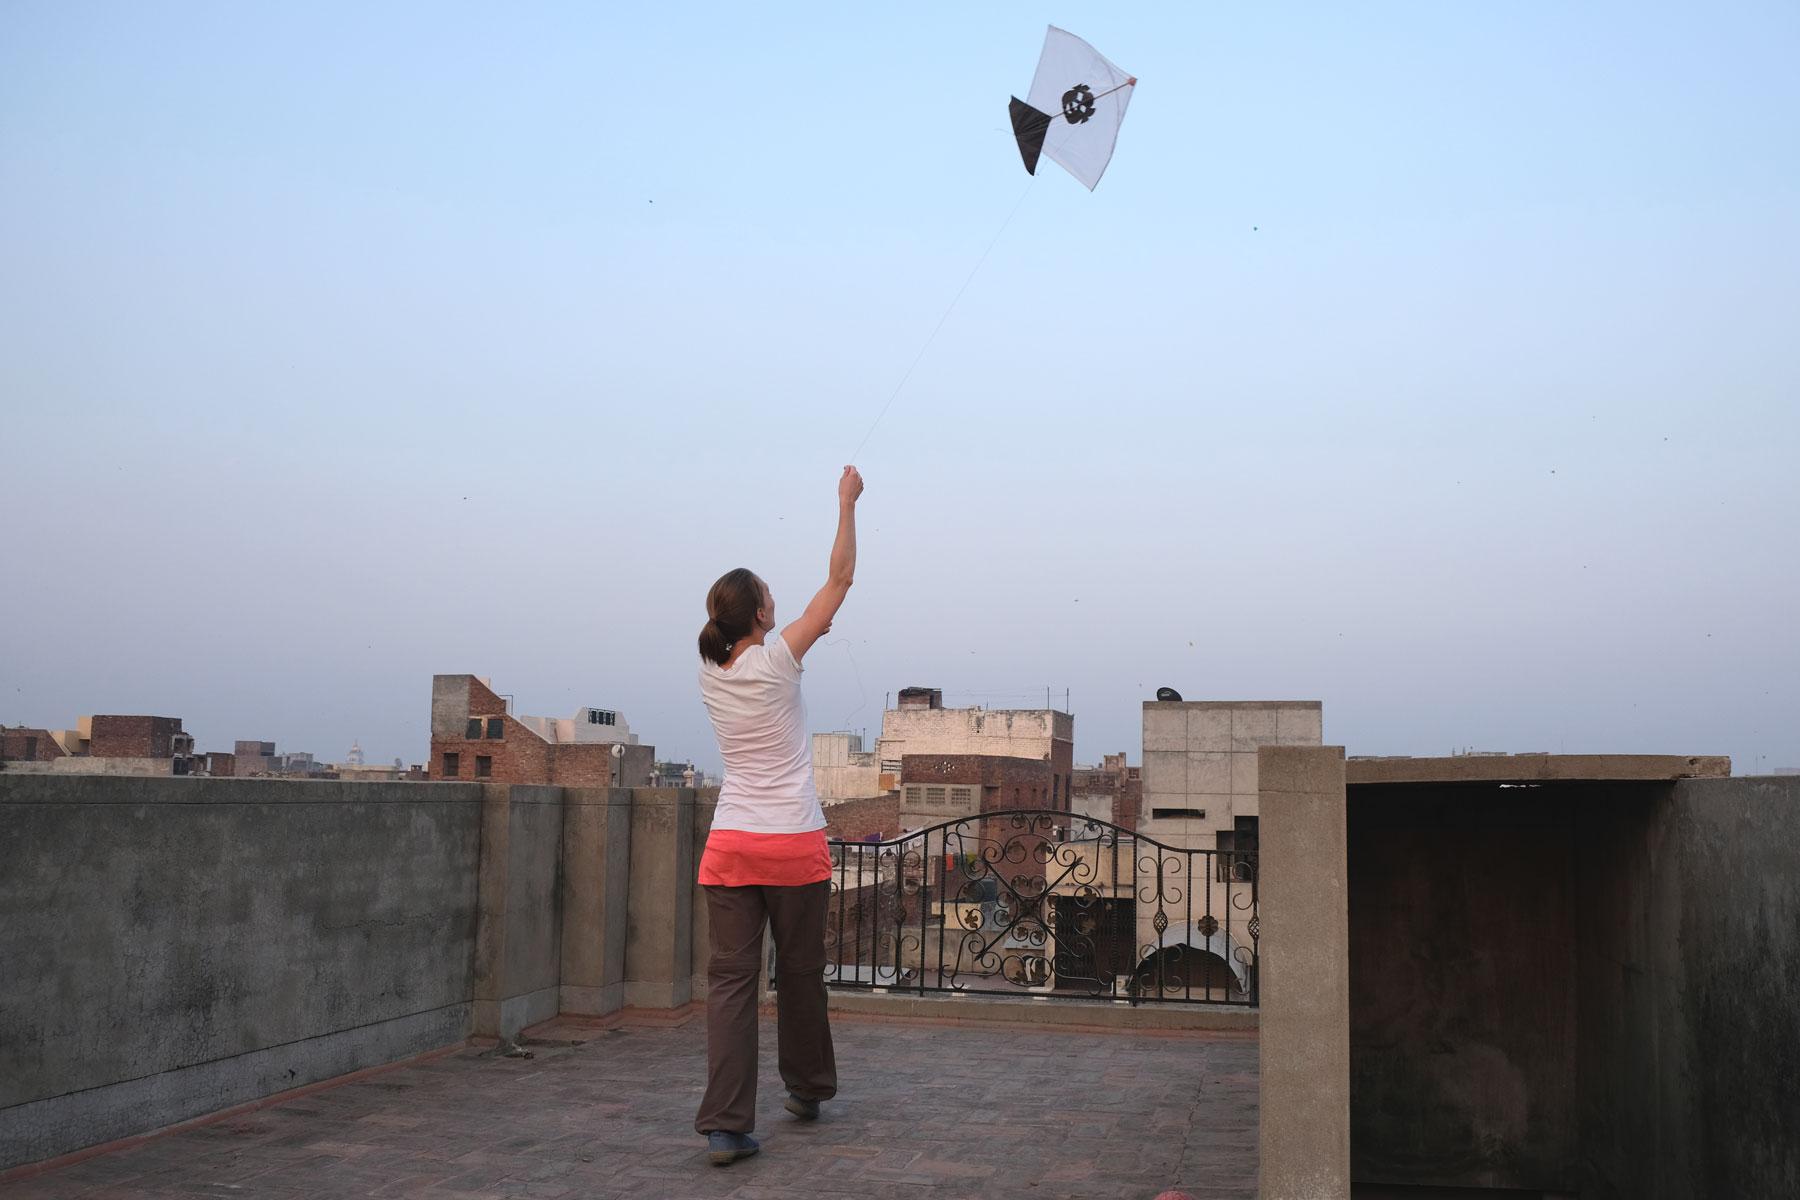 Leo lässt in Amritsar einen Drachen steigen.